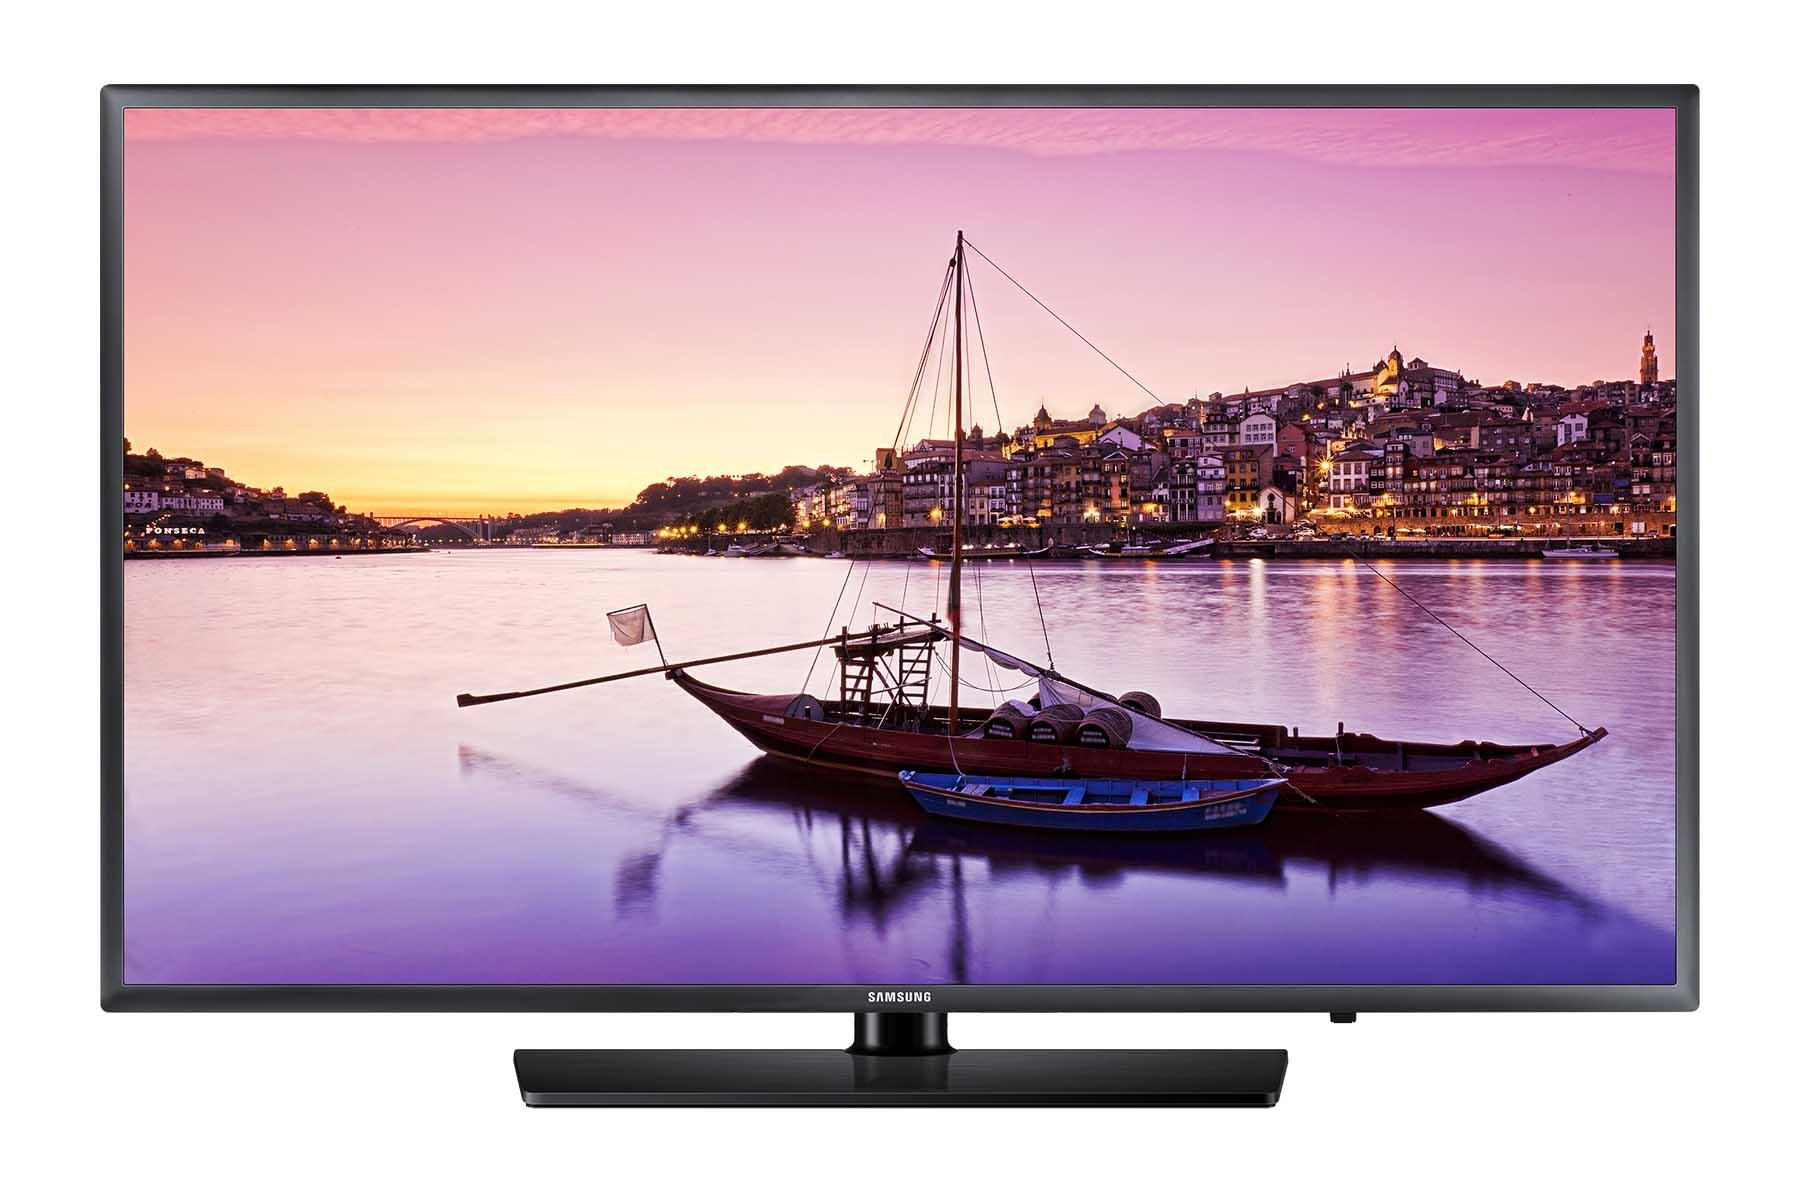 32'' LED-TV Samsung 32HE670 HTV